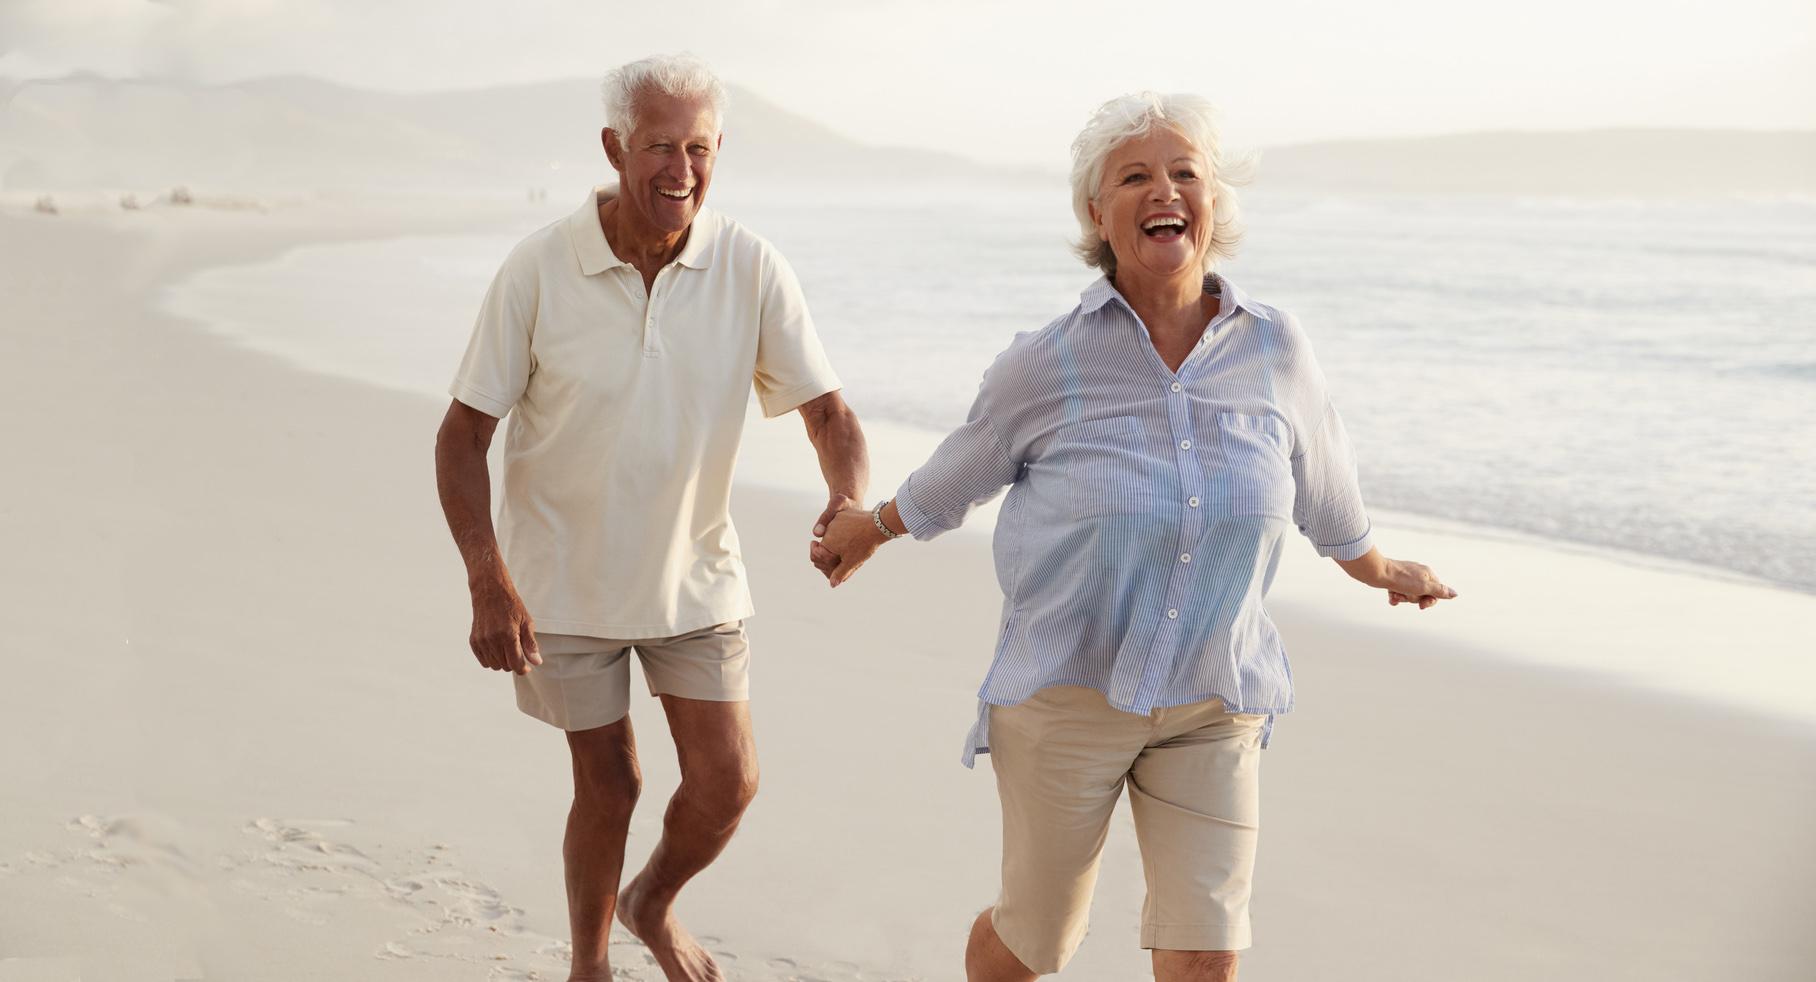 bons plans pour partir en vacances entre seniors